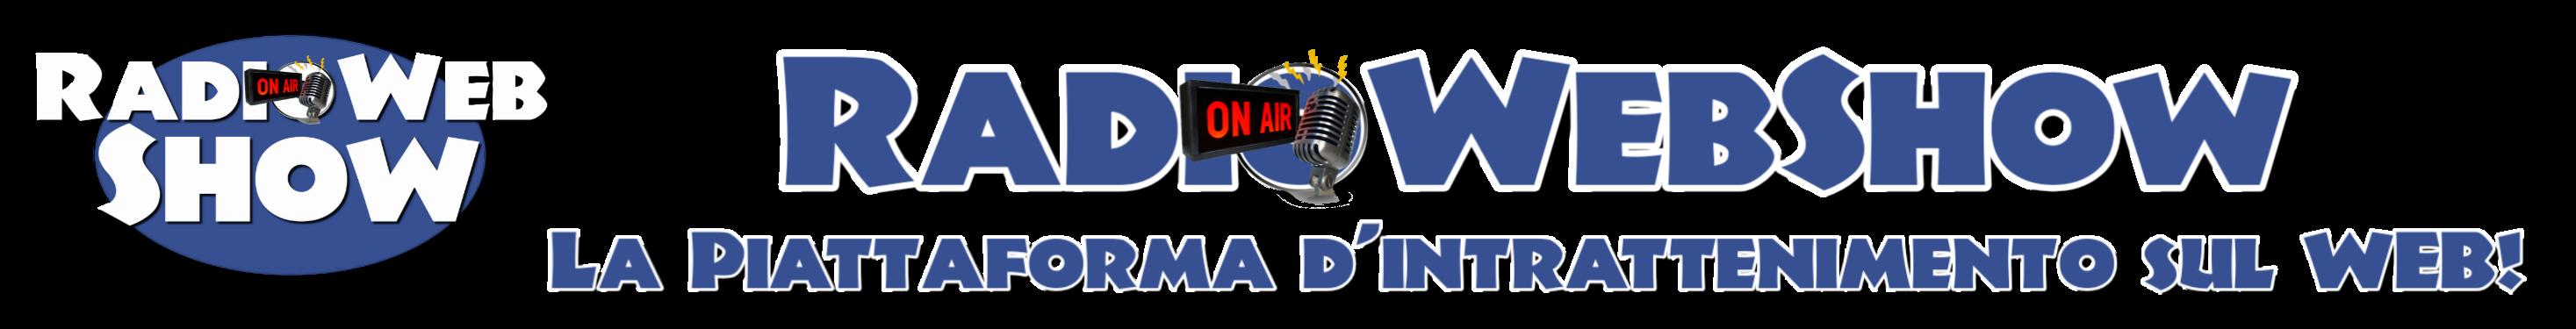 RadioWebShow